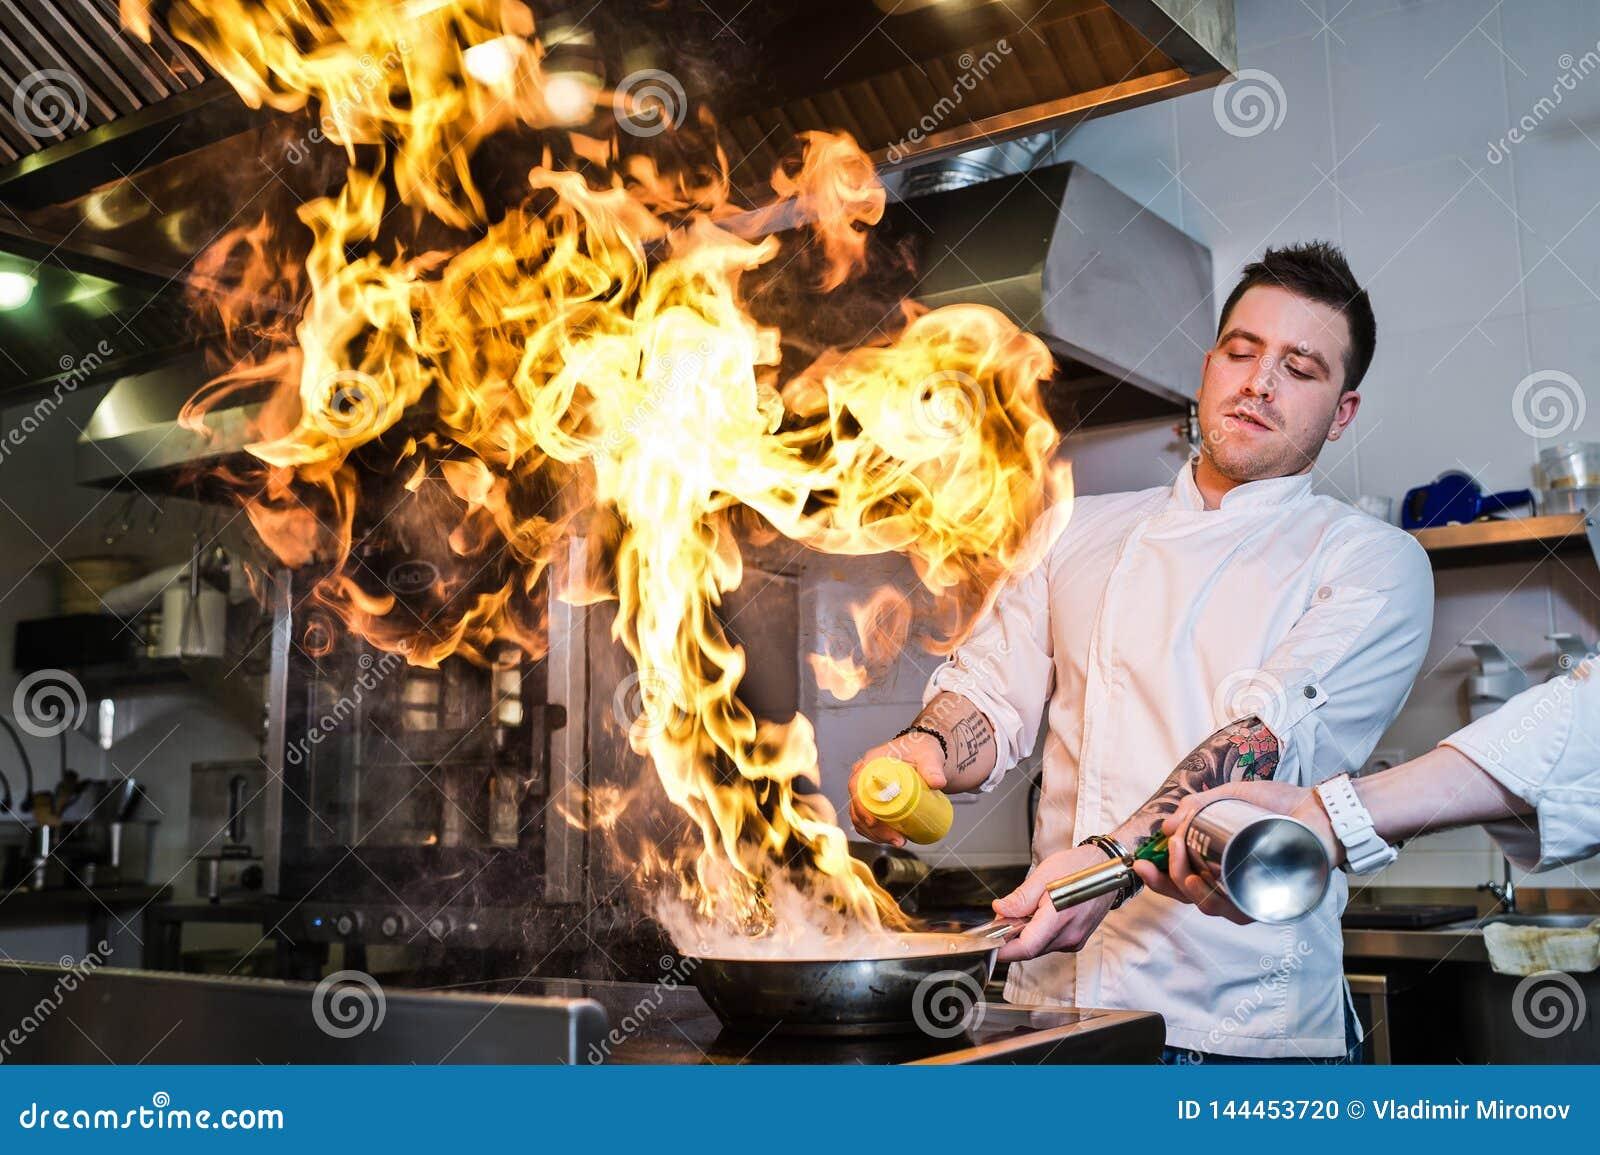 俄罗斯,圣彼德堡,03 17 2019 - 厨师在餐馆厨房里做flambe,黑暗的背景